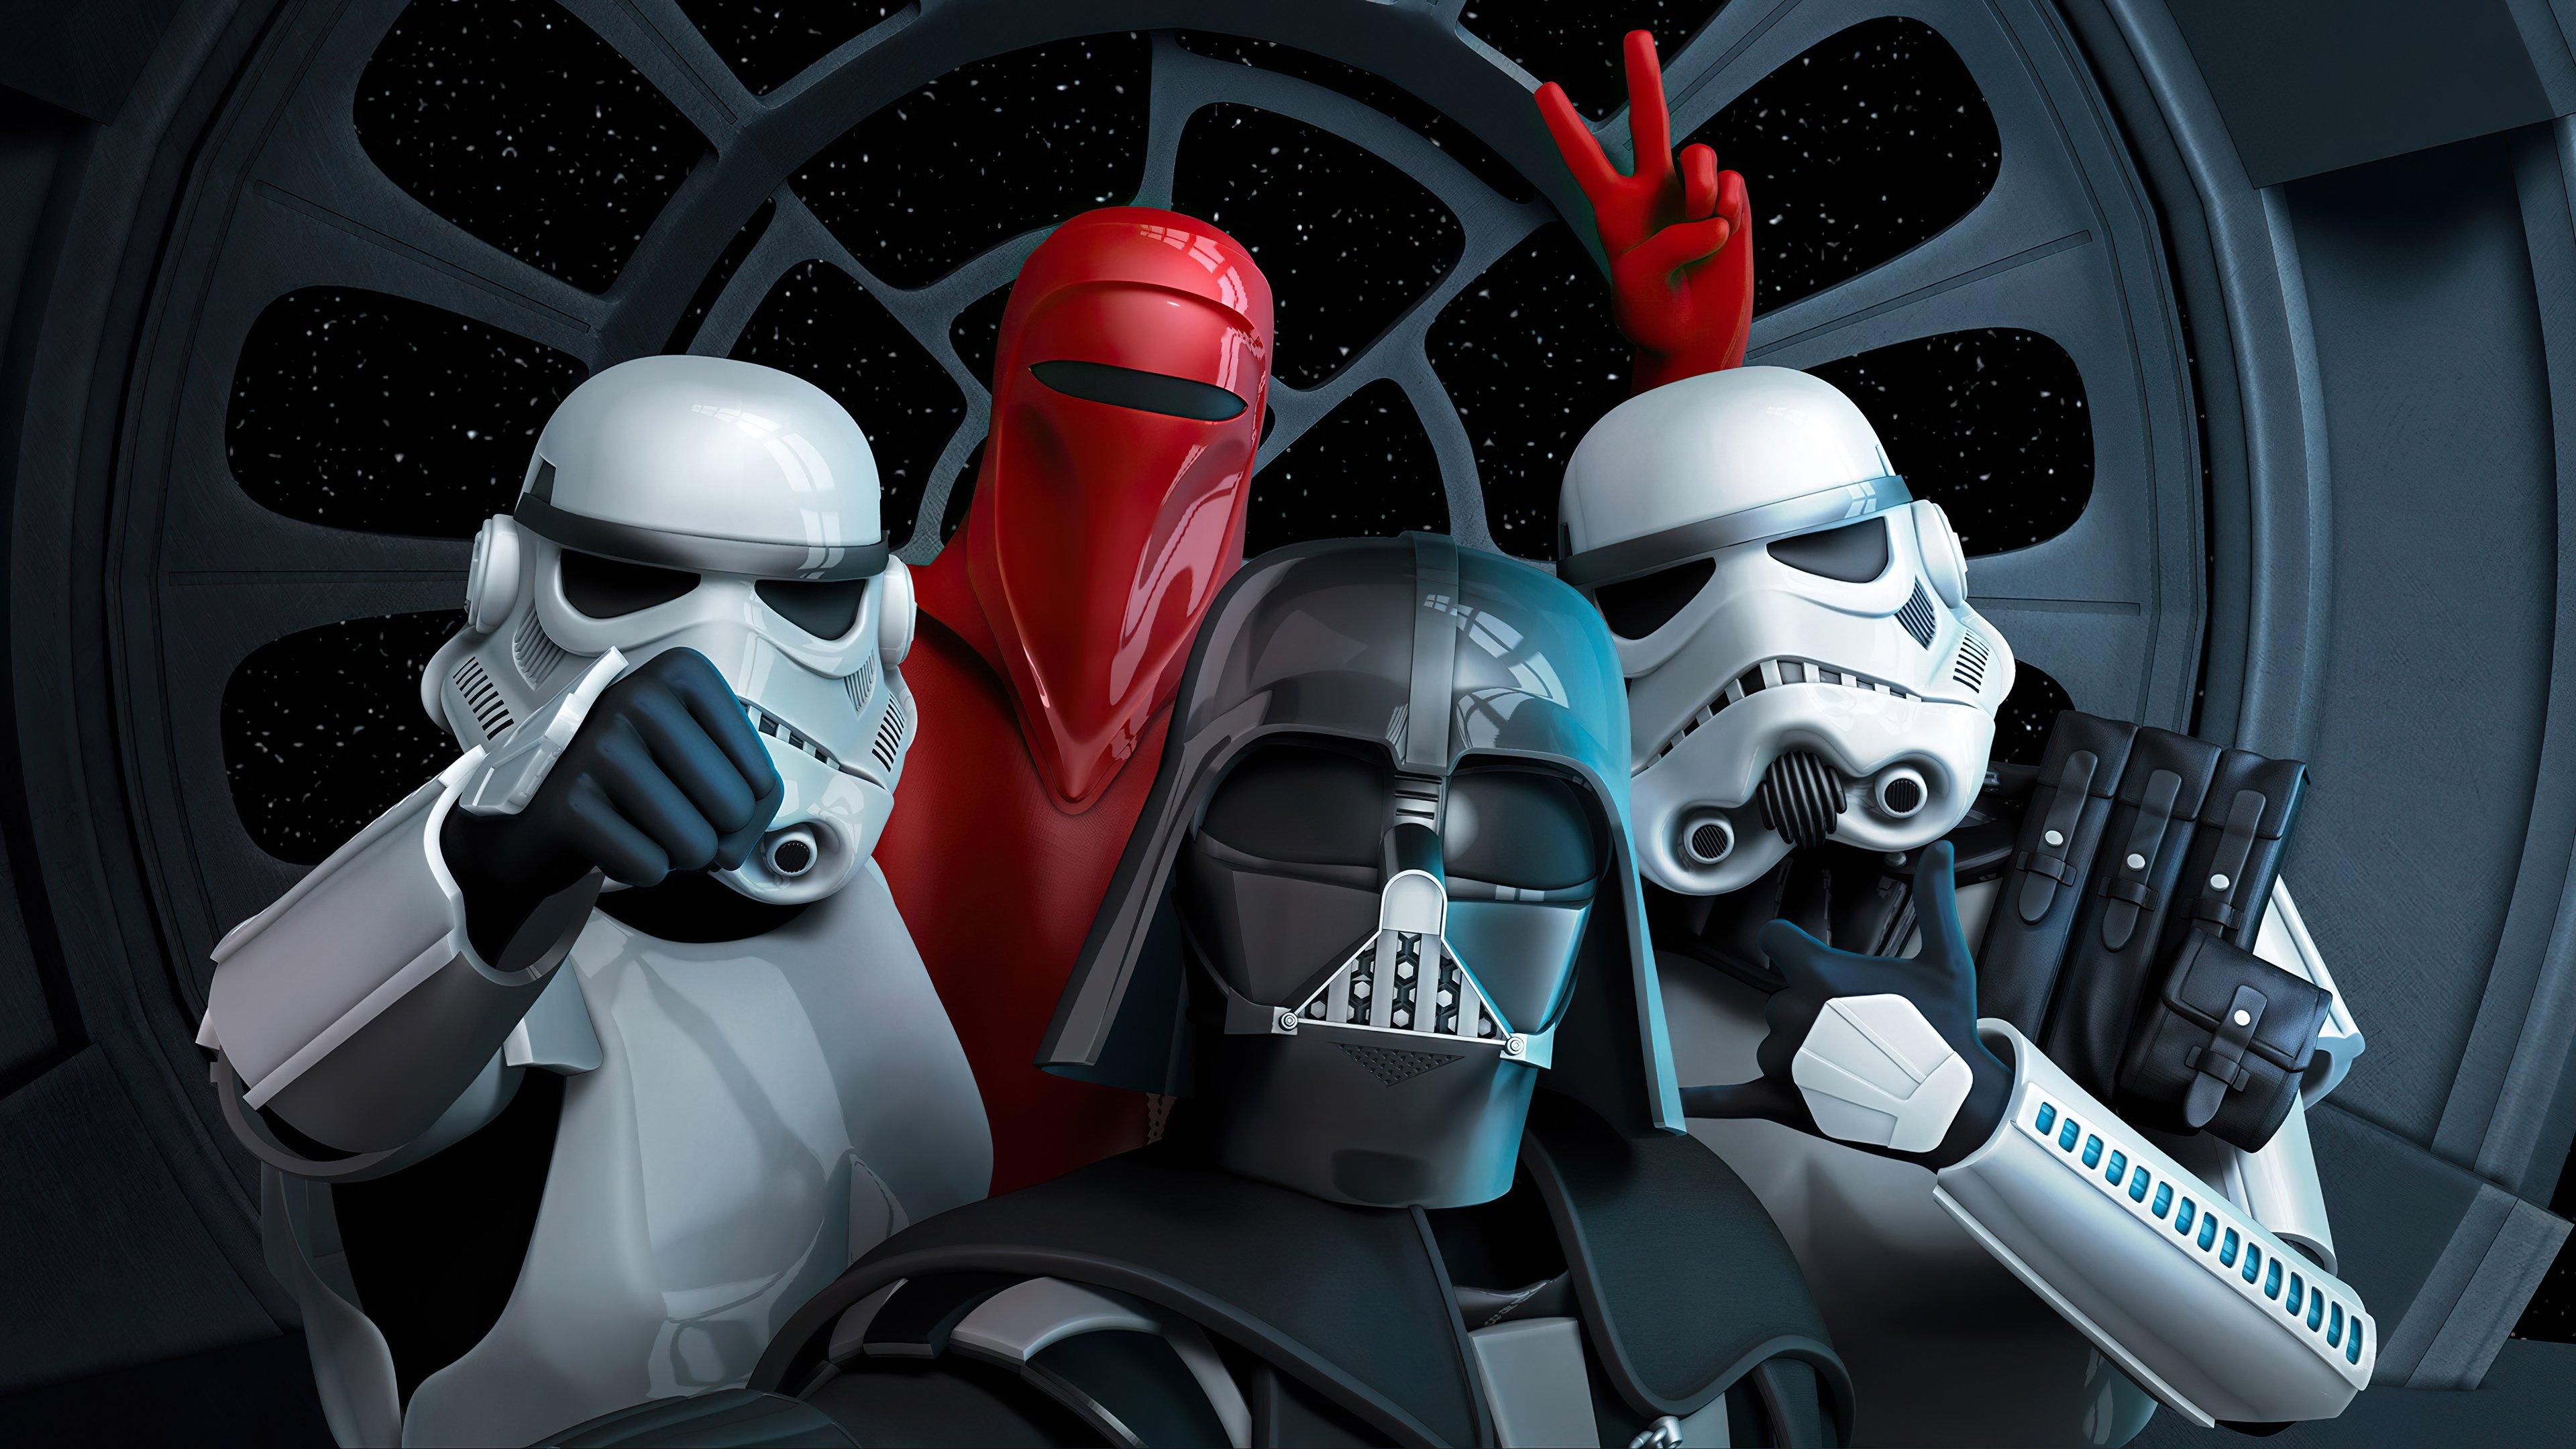 Fondos de pantalla Selfie de Star Wars Venganza de los cinco